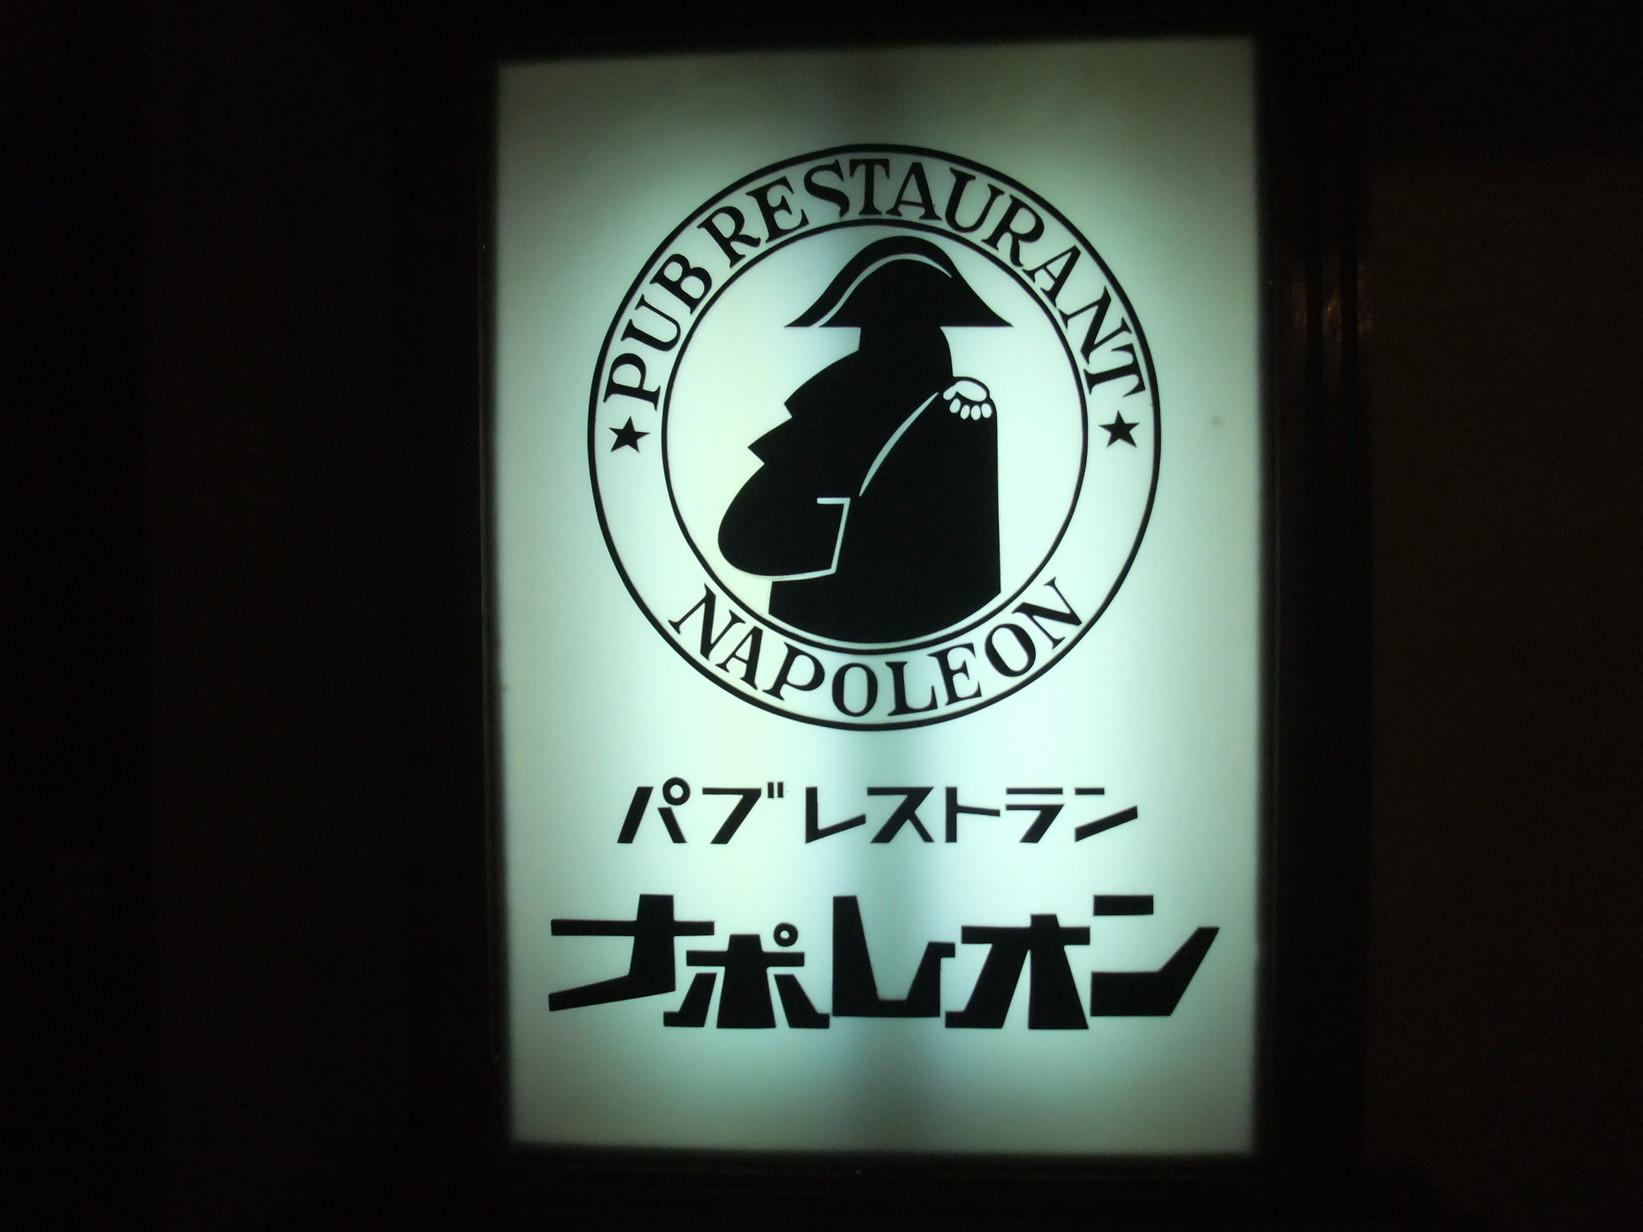 パブレストラン ナポレオン